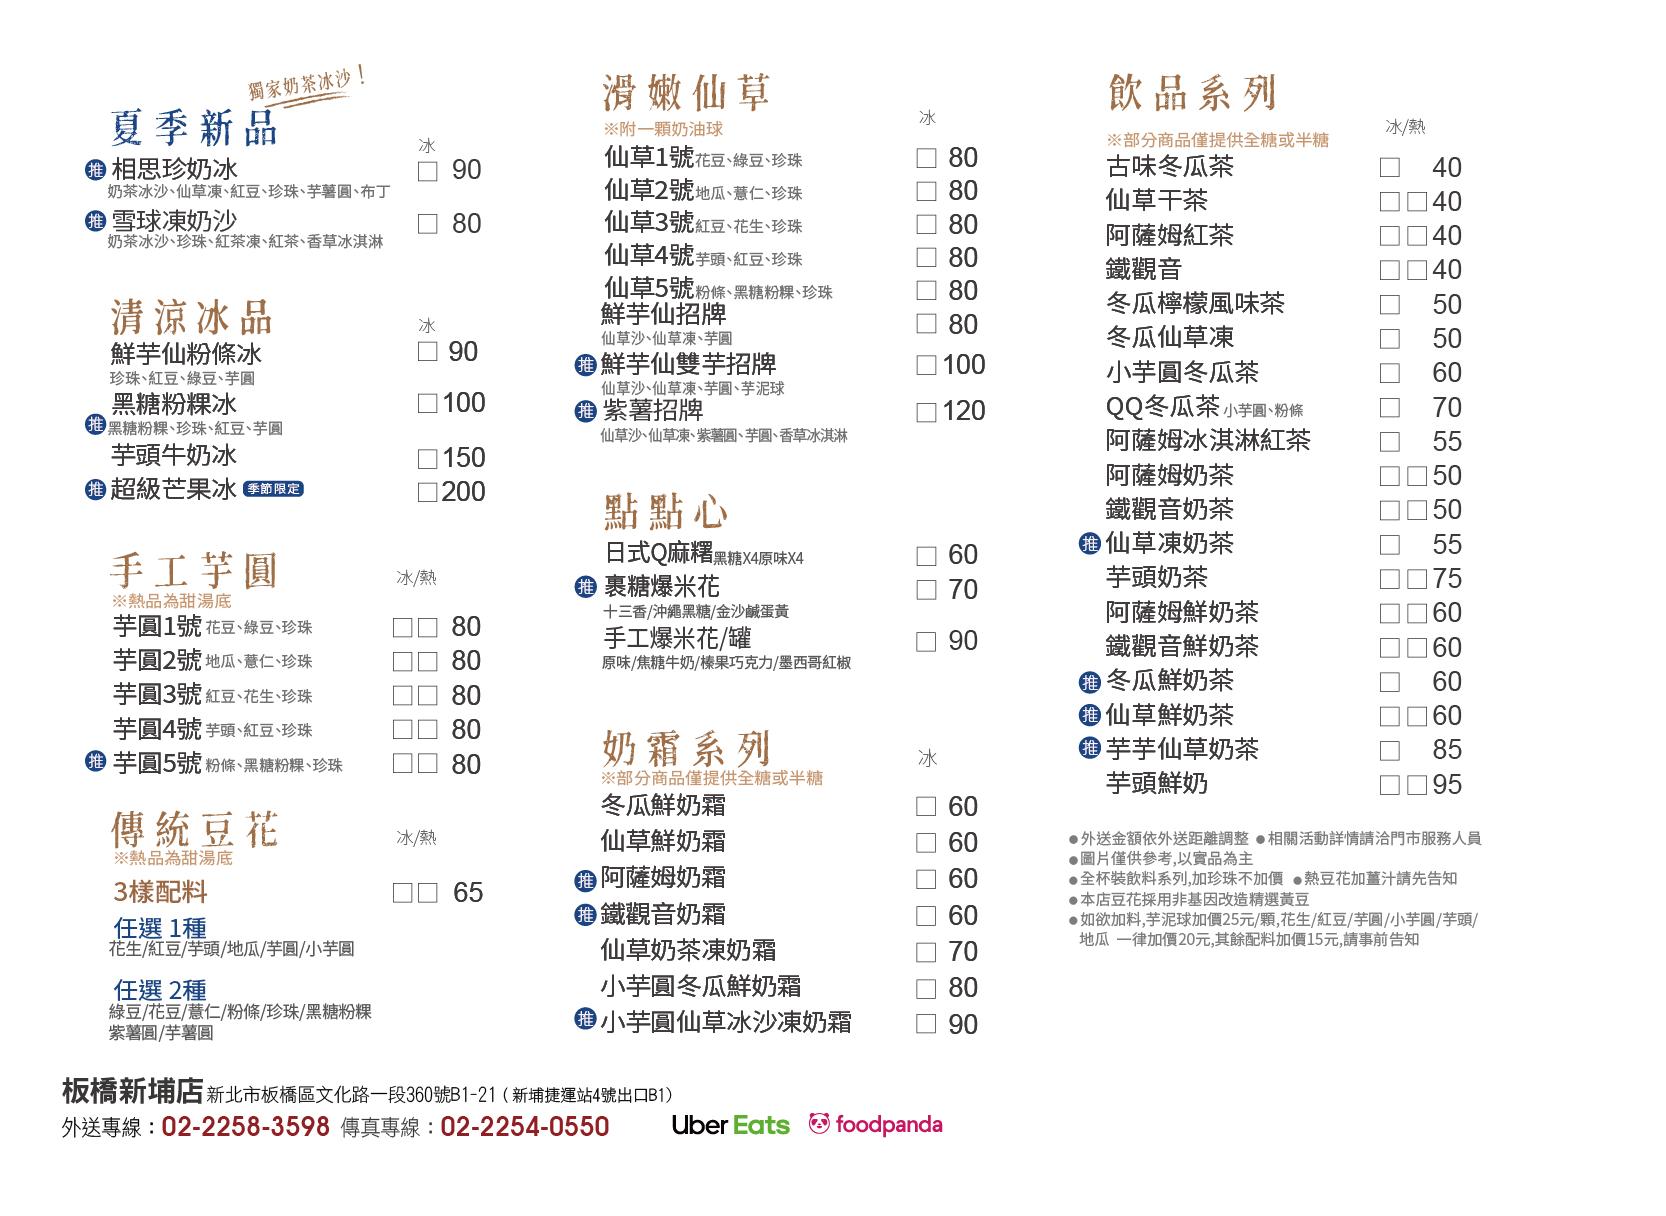 鮮芋仙菜單MENU(板橋新埔店)